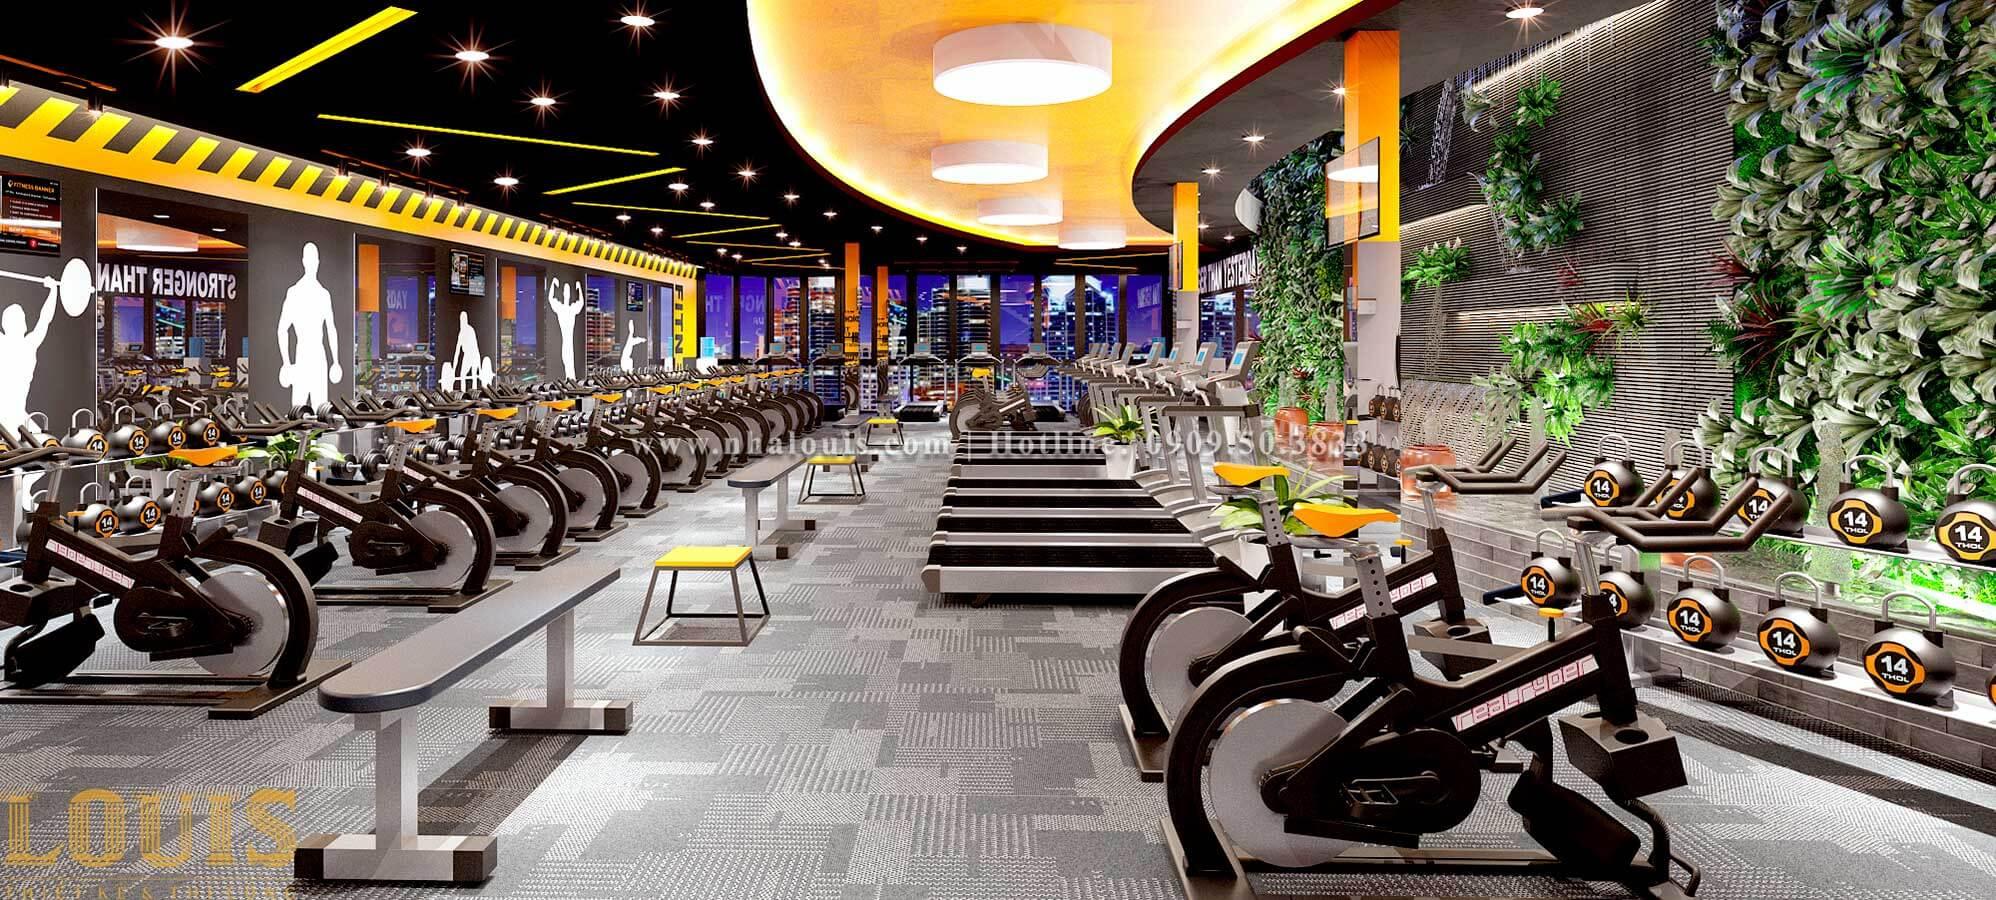 Thiết kế phòng gym hiện đại với quy mô khủng tại Quận 9 - 06